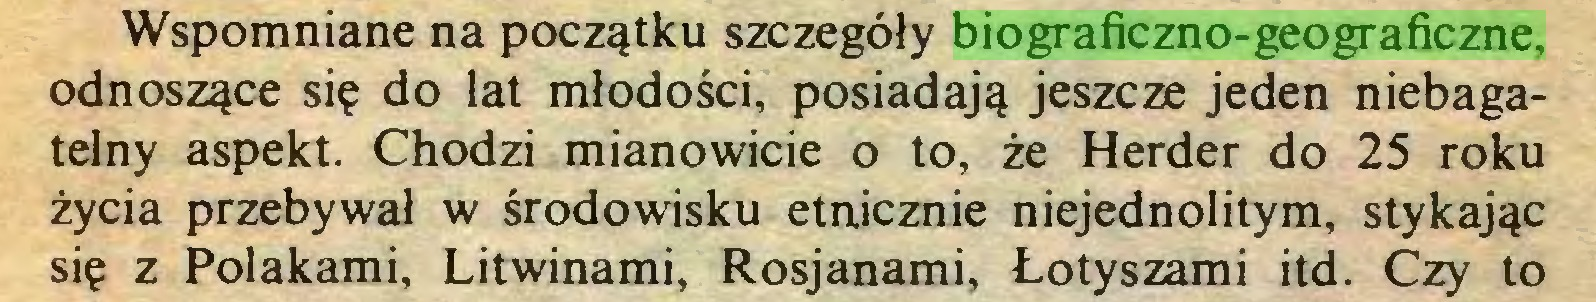 (...) Wspomniane na początku szczegóły biograficzno-geograficzne, odnoszące się do lat młodości, posiadają jeszcze jeden niebagatelny aspekt. Chodzi mianowicie o to, że Herder do 25 roku życia przebywał w środowisku etnicznie niejednolitym, stykając się z Polakami, Litwinami, Rosjanami, Łotyszami itd. Czy to...